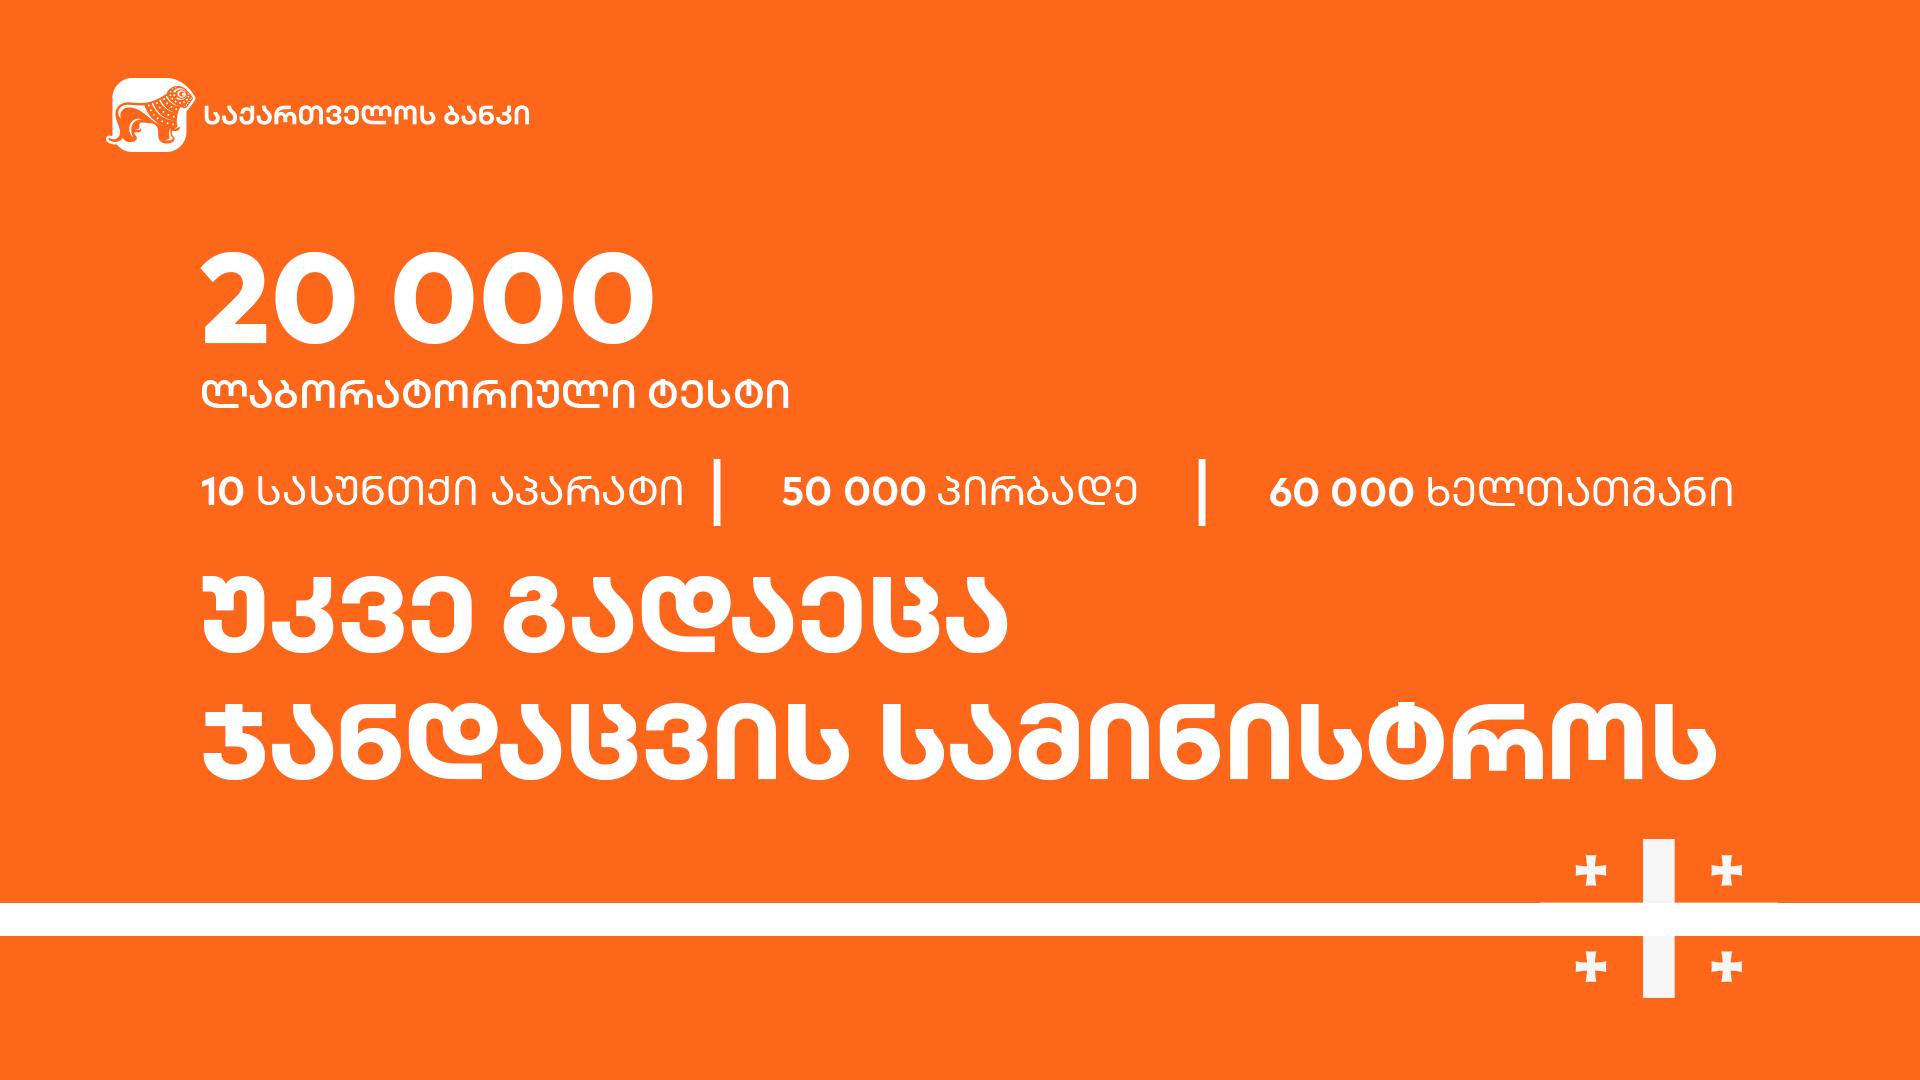 Photo of საქართველოს ბანკმა ჯანდაცვის სამინისტროს 20 000 ლაბორატორიული ტესტი გადასცა